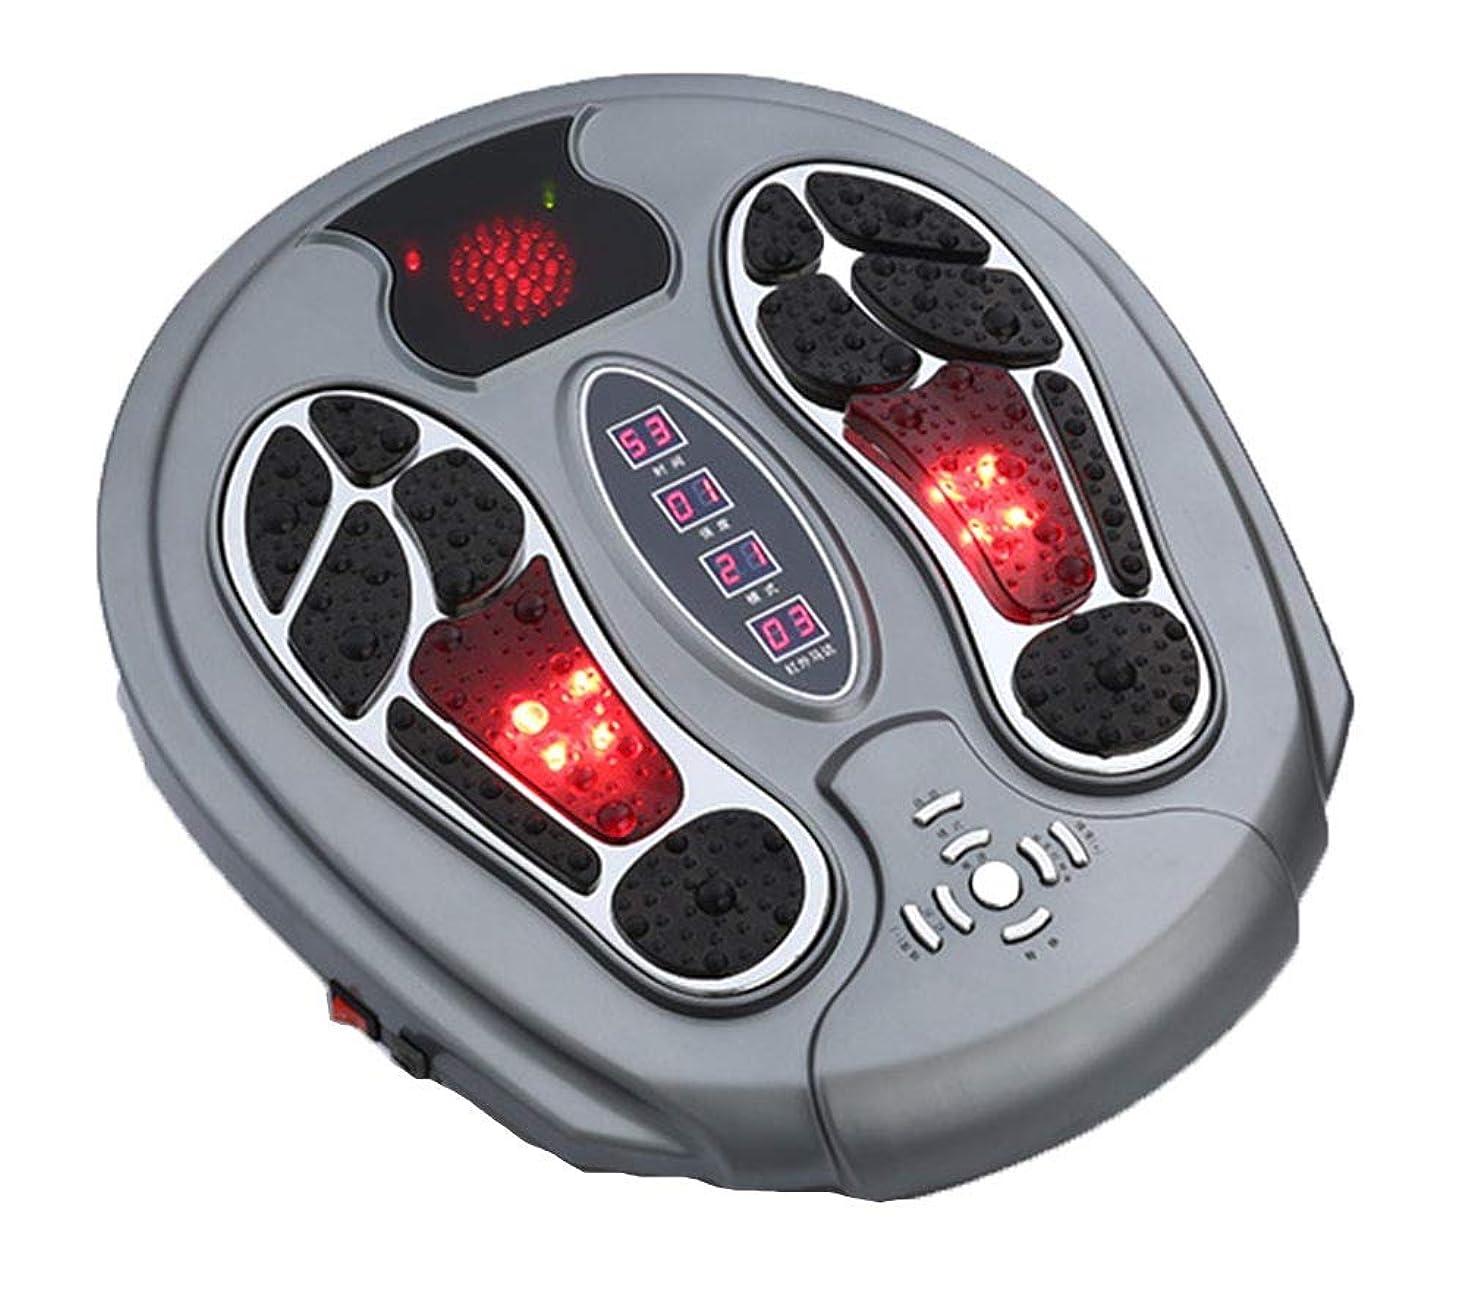 多機能 Foot Massager Stimulator - Booster Circulation、身体を刺激する99の強度設定、赤外線機能付き インテリジェント